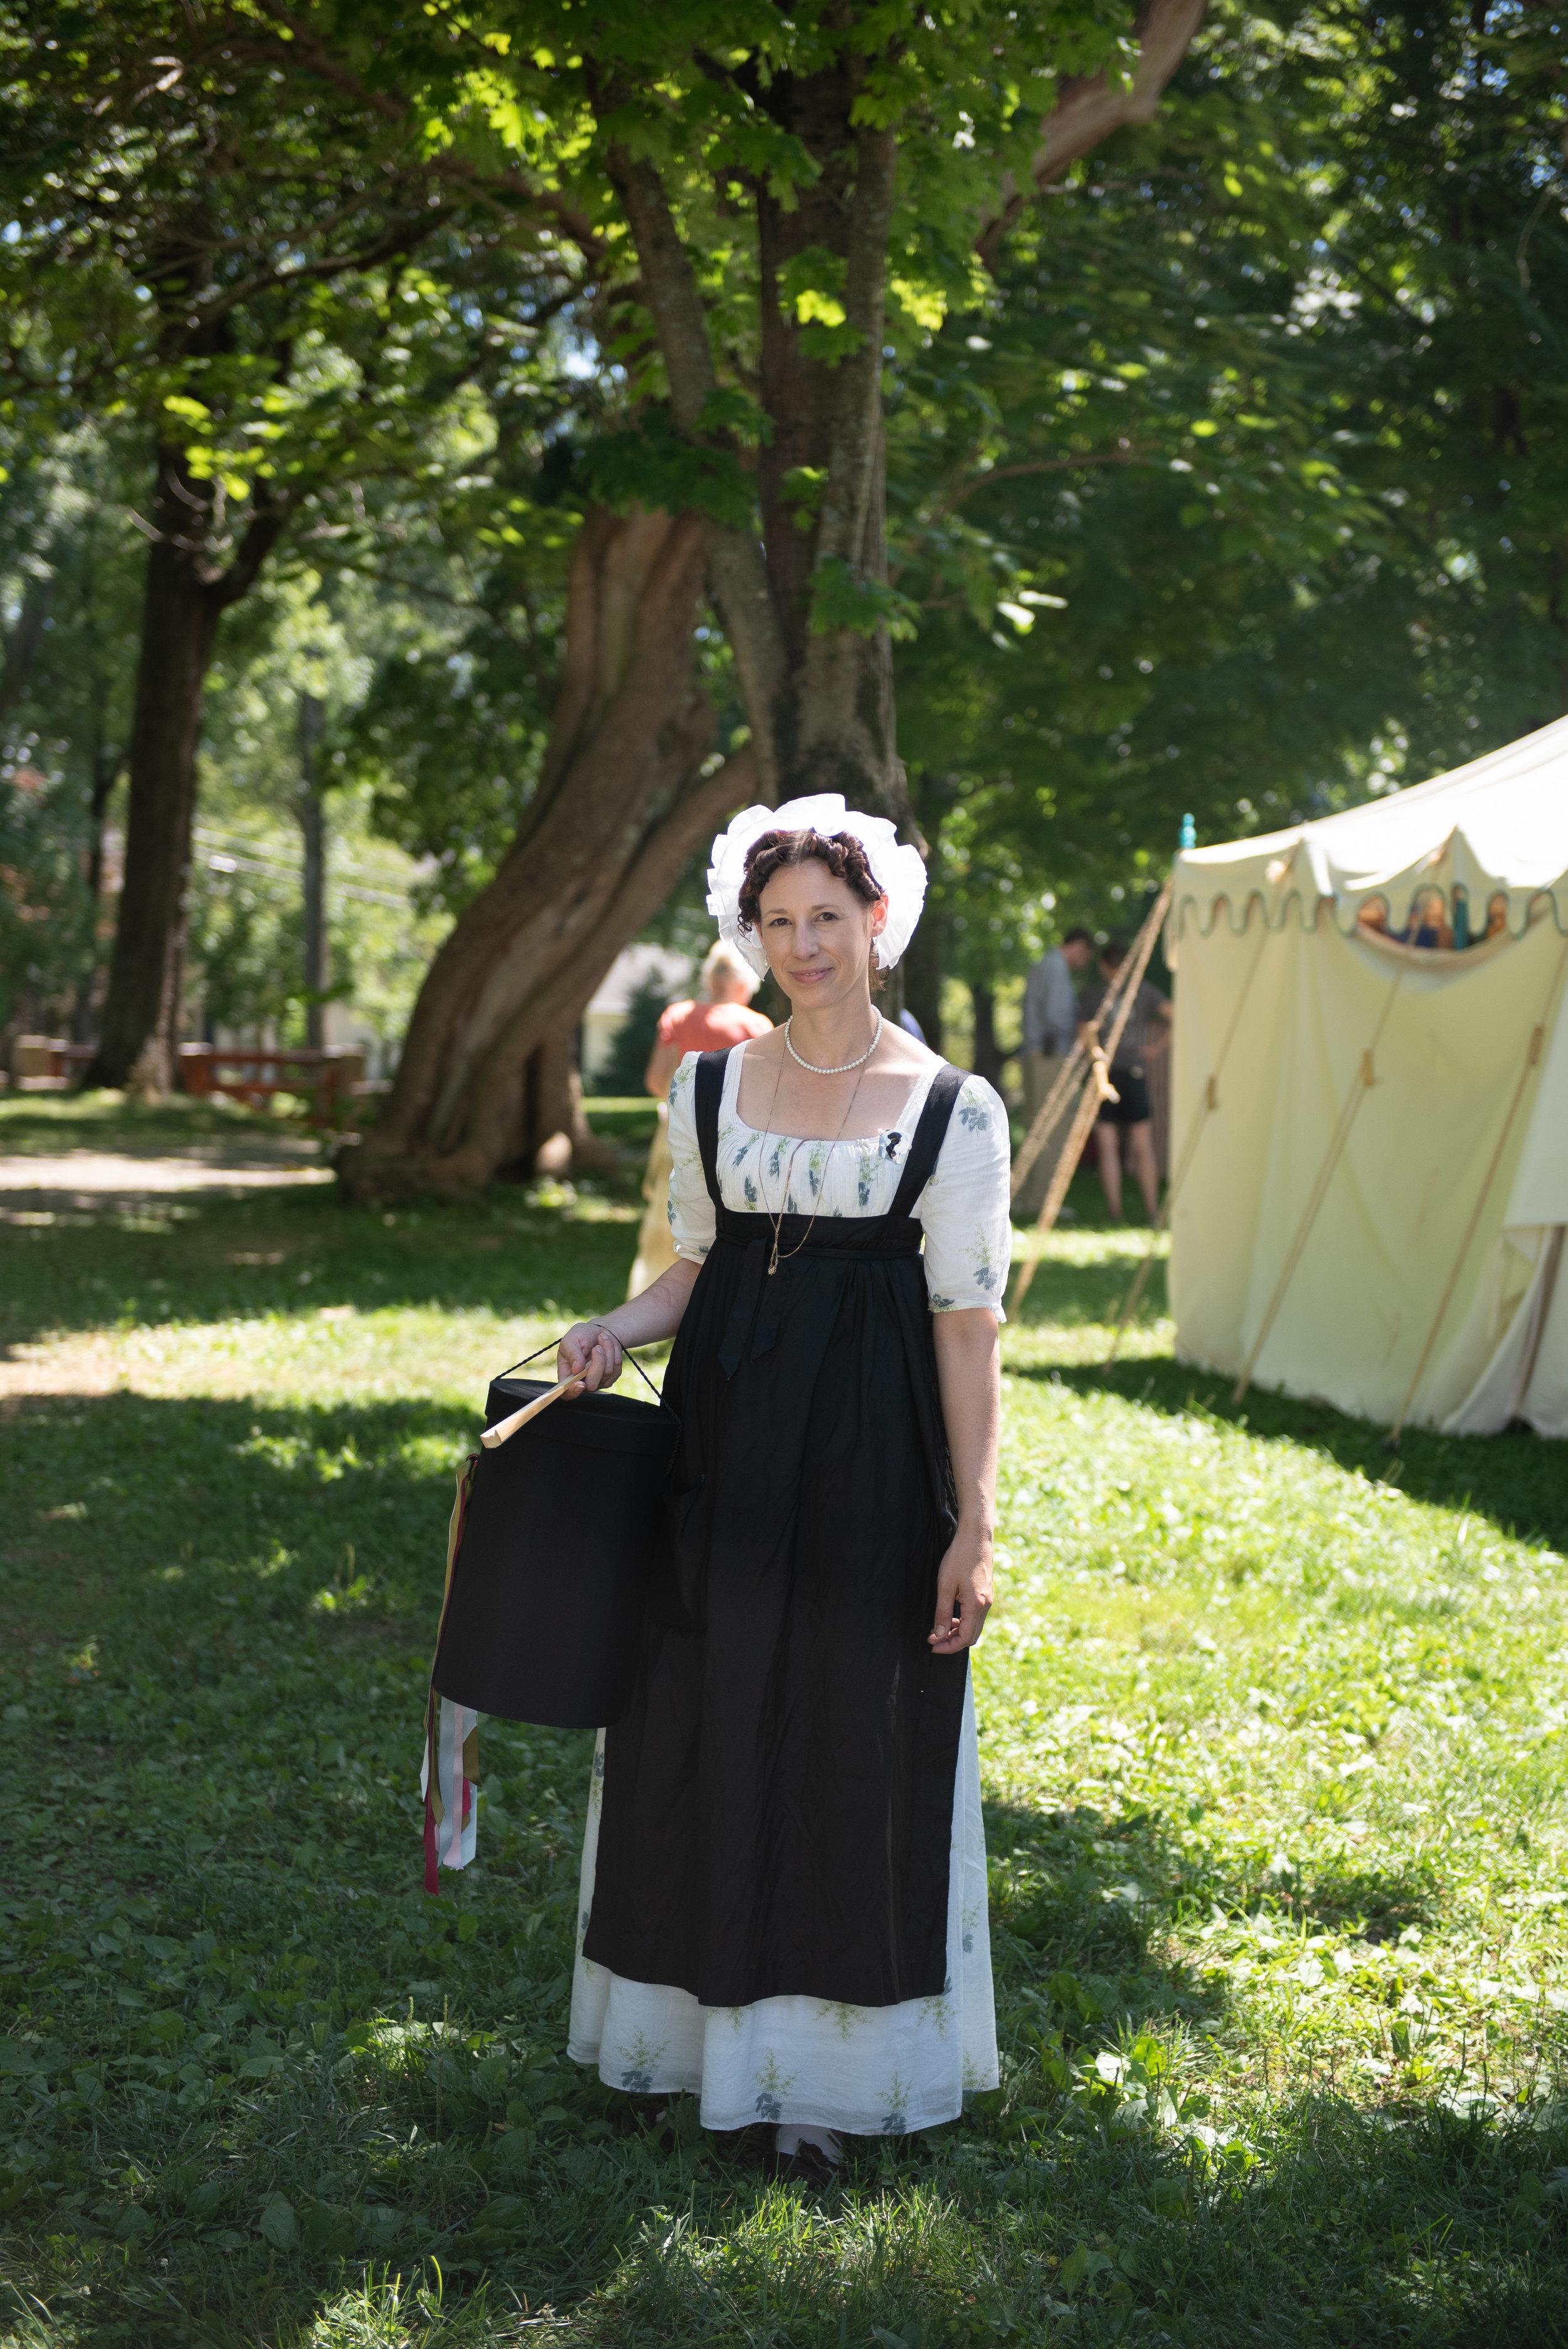 Jane Austen Festival Louisville Kentucky 2019 Regency Apron Cap